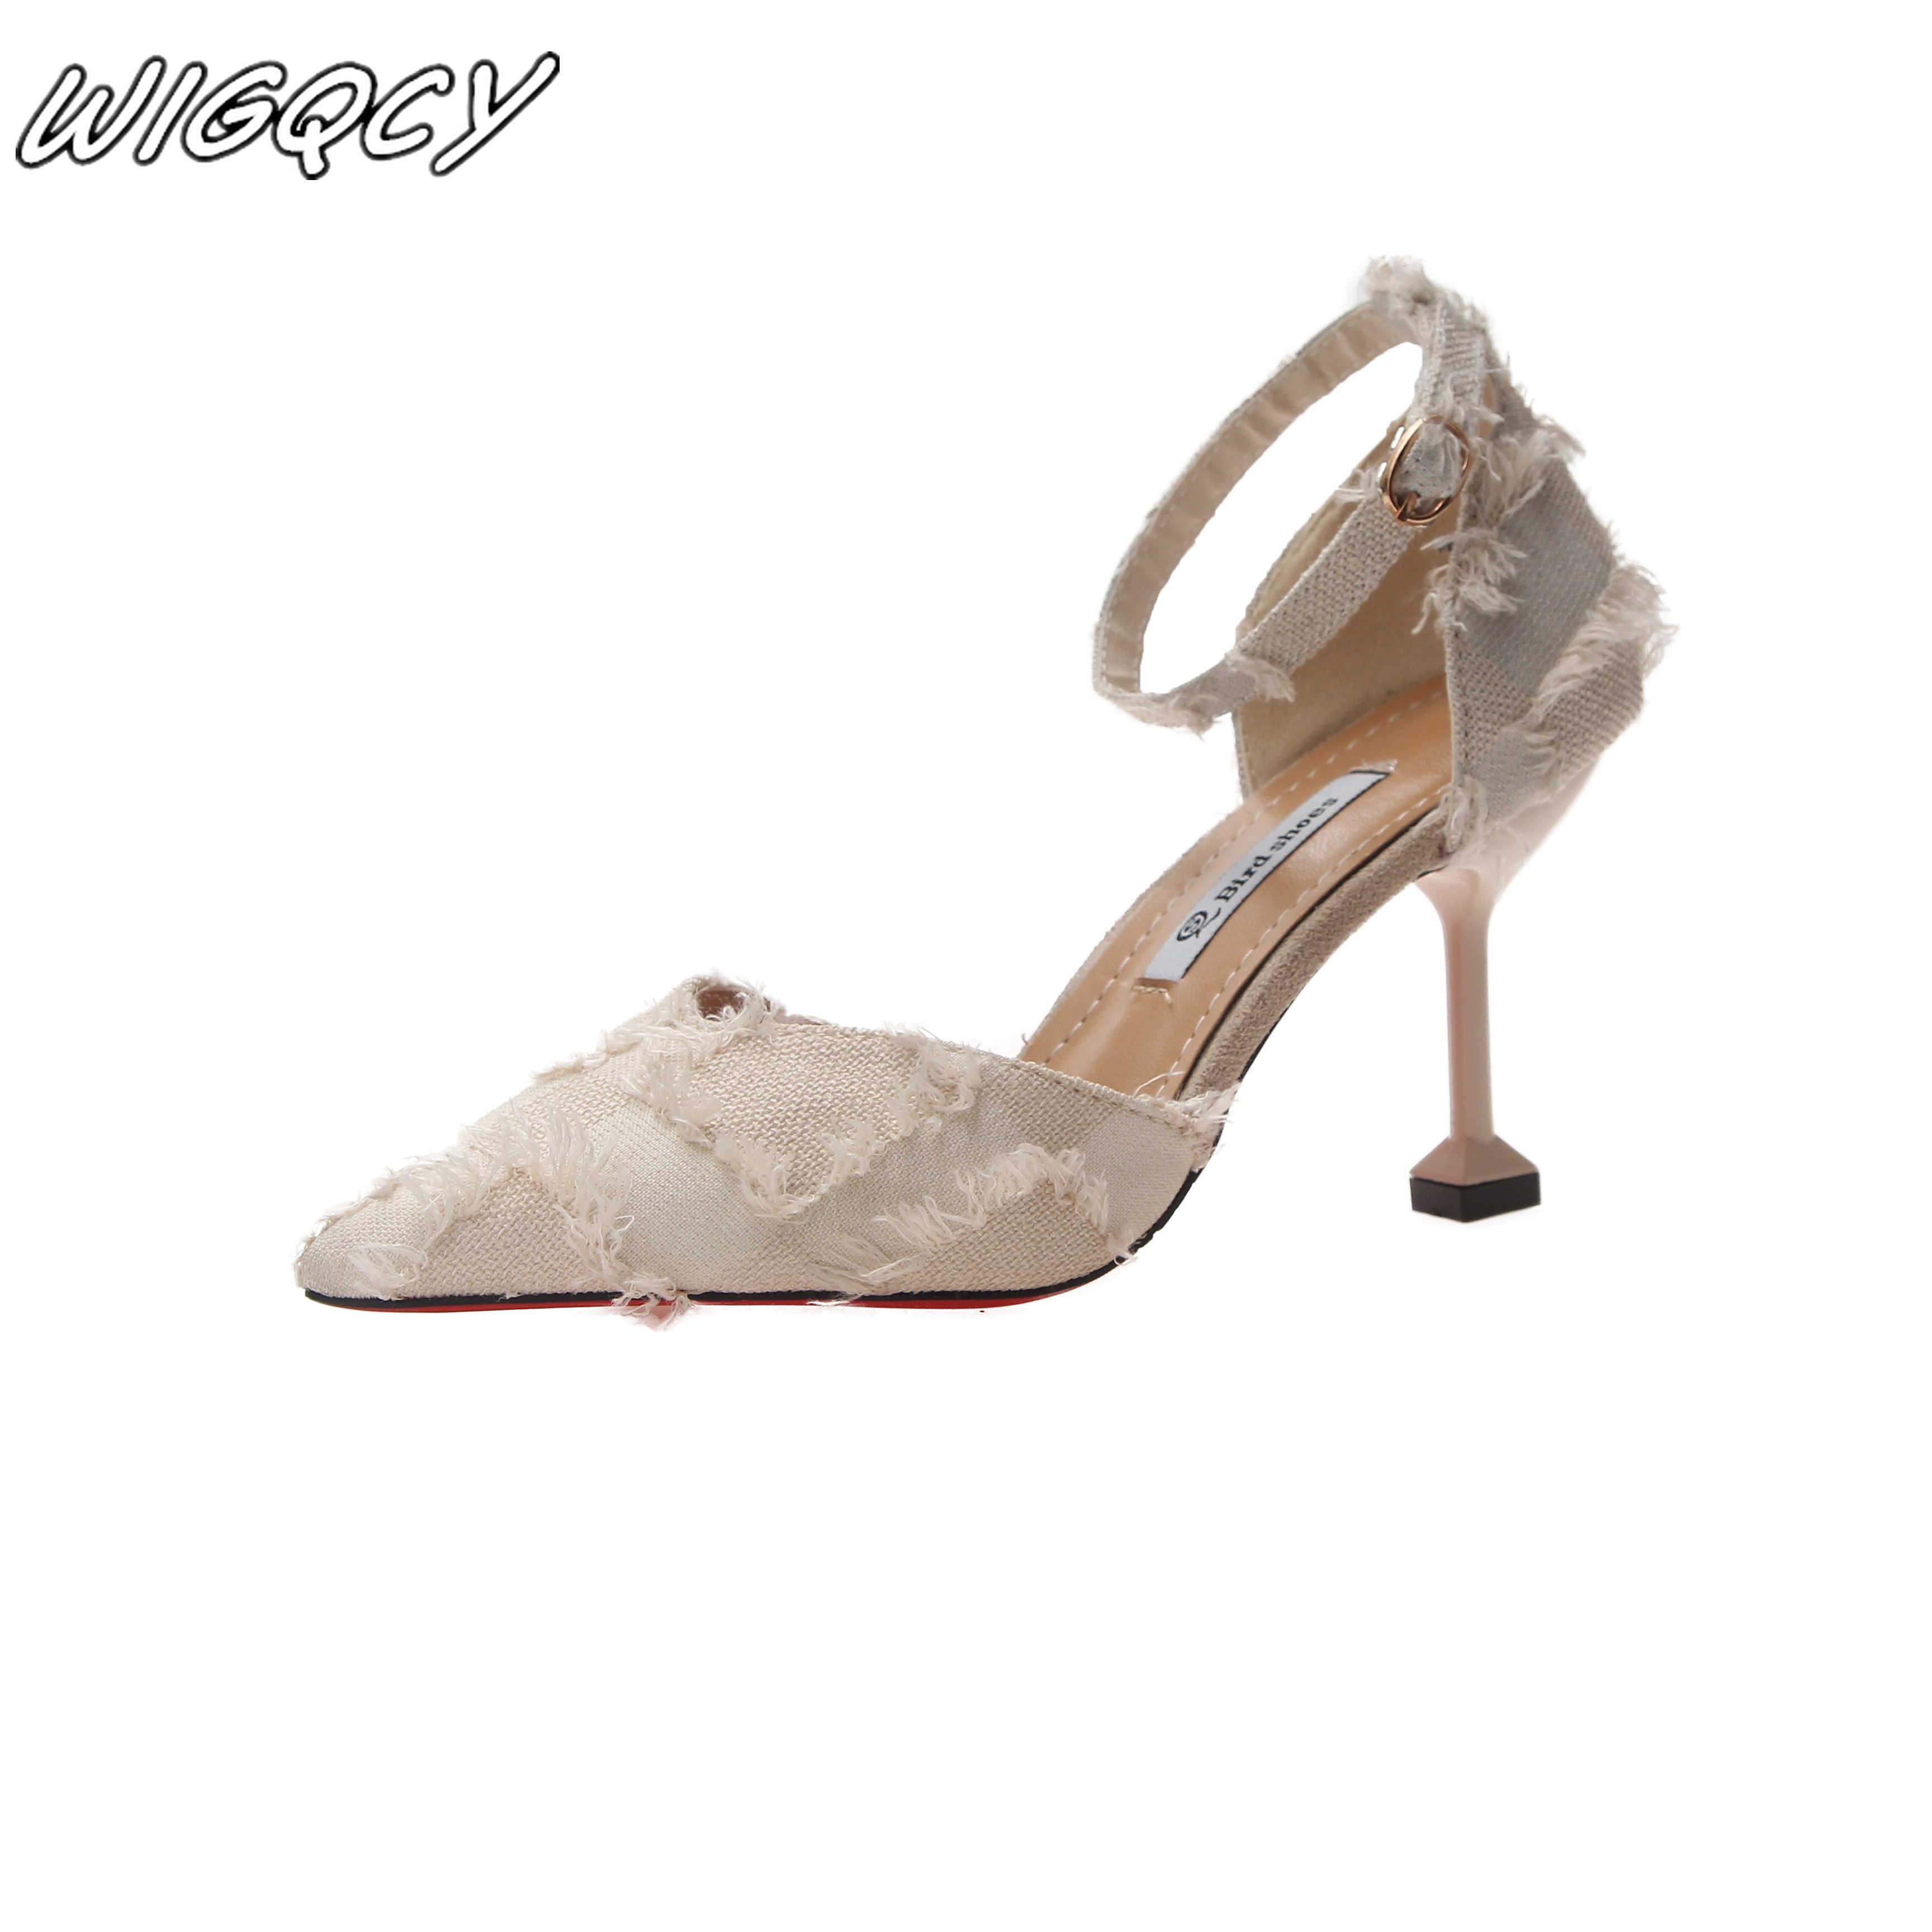 2019 yeni kadın tasarımcı tasarım kadın seksi yüksek topuklu lüks Tek düğme Toka seksi balo düğün ayakkabı Stiletto topuklu